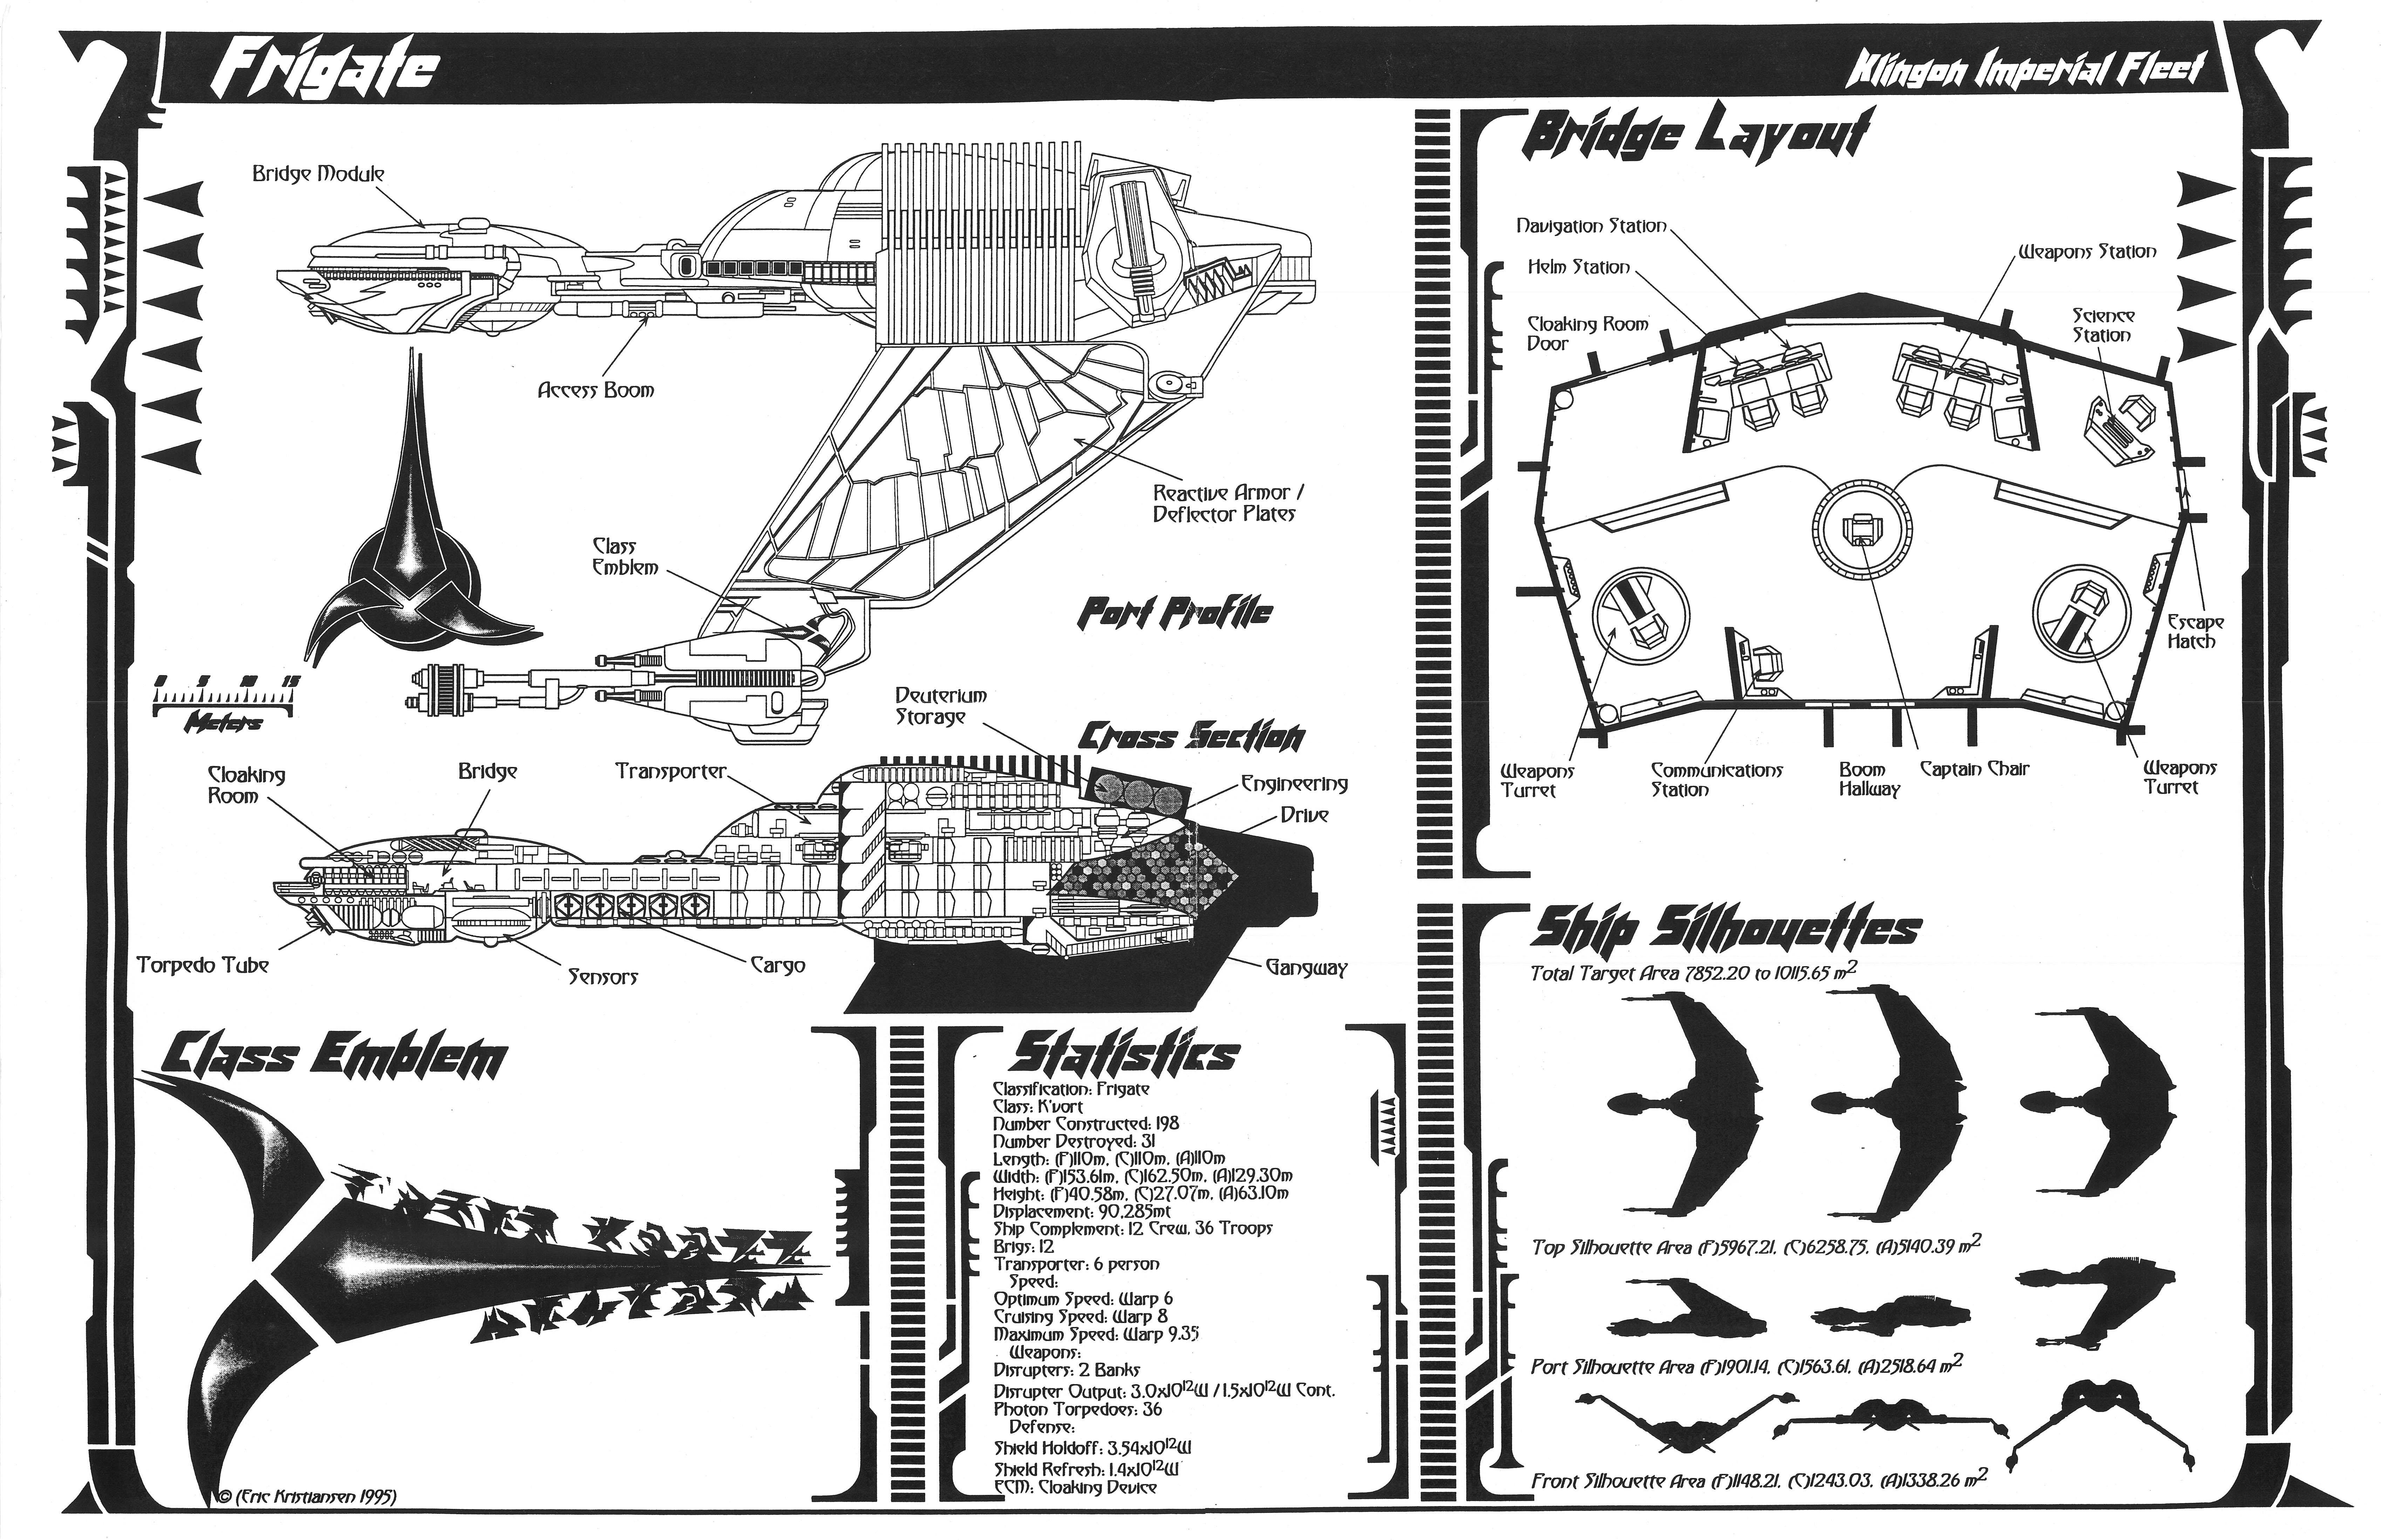 star trek blueprints  jackill u0026 39 s klingon k u0026 39 vort class frigate